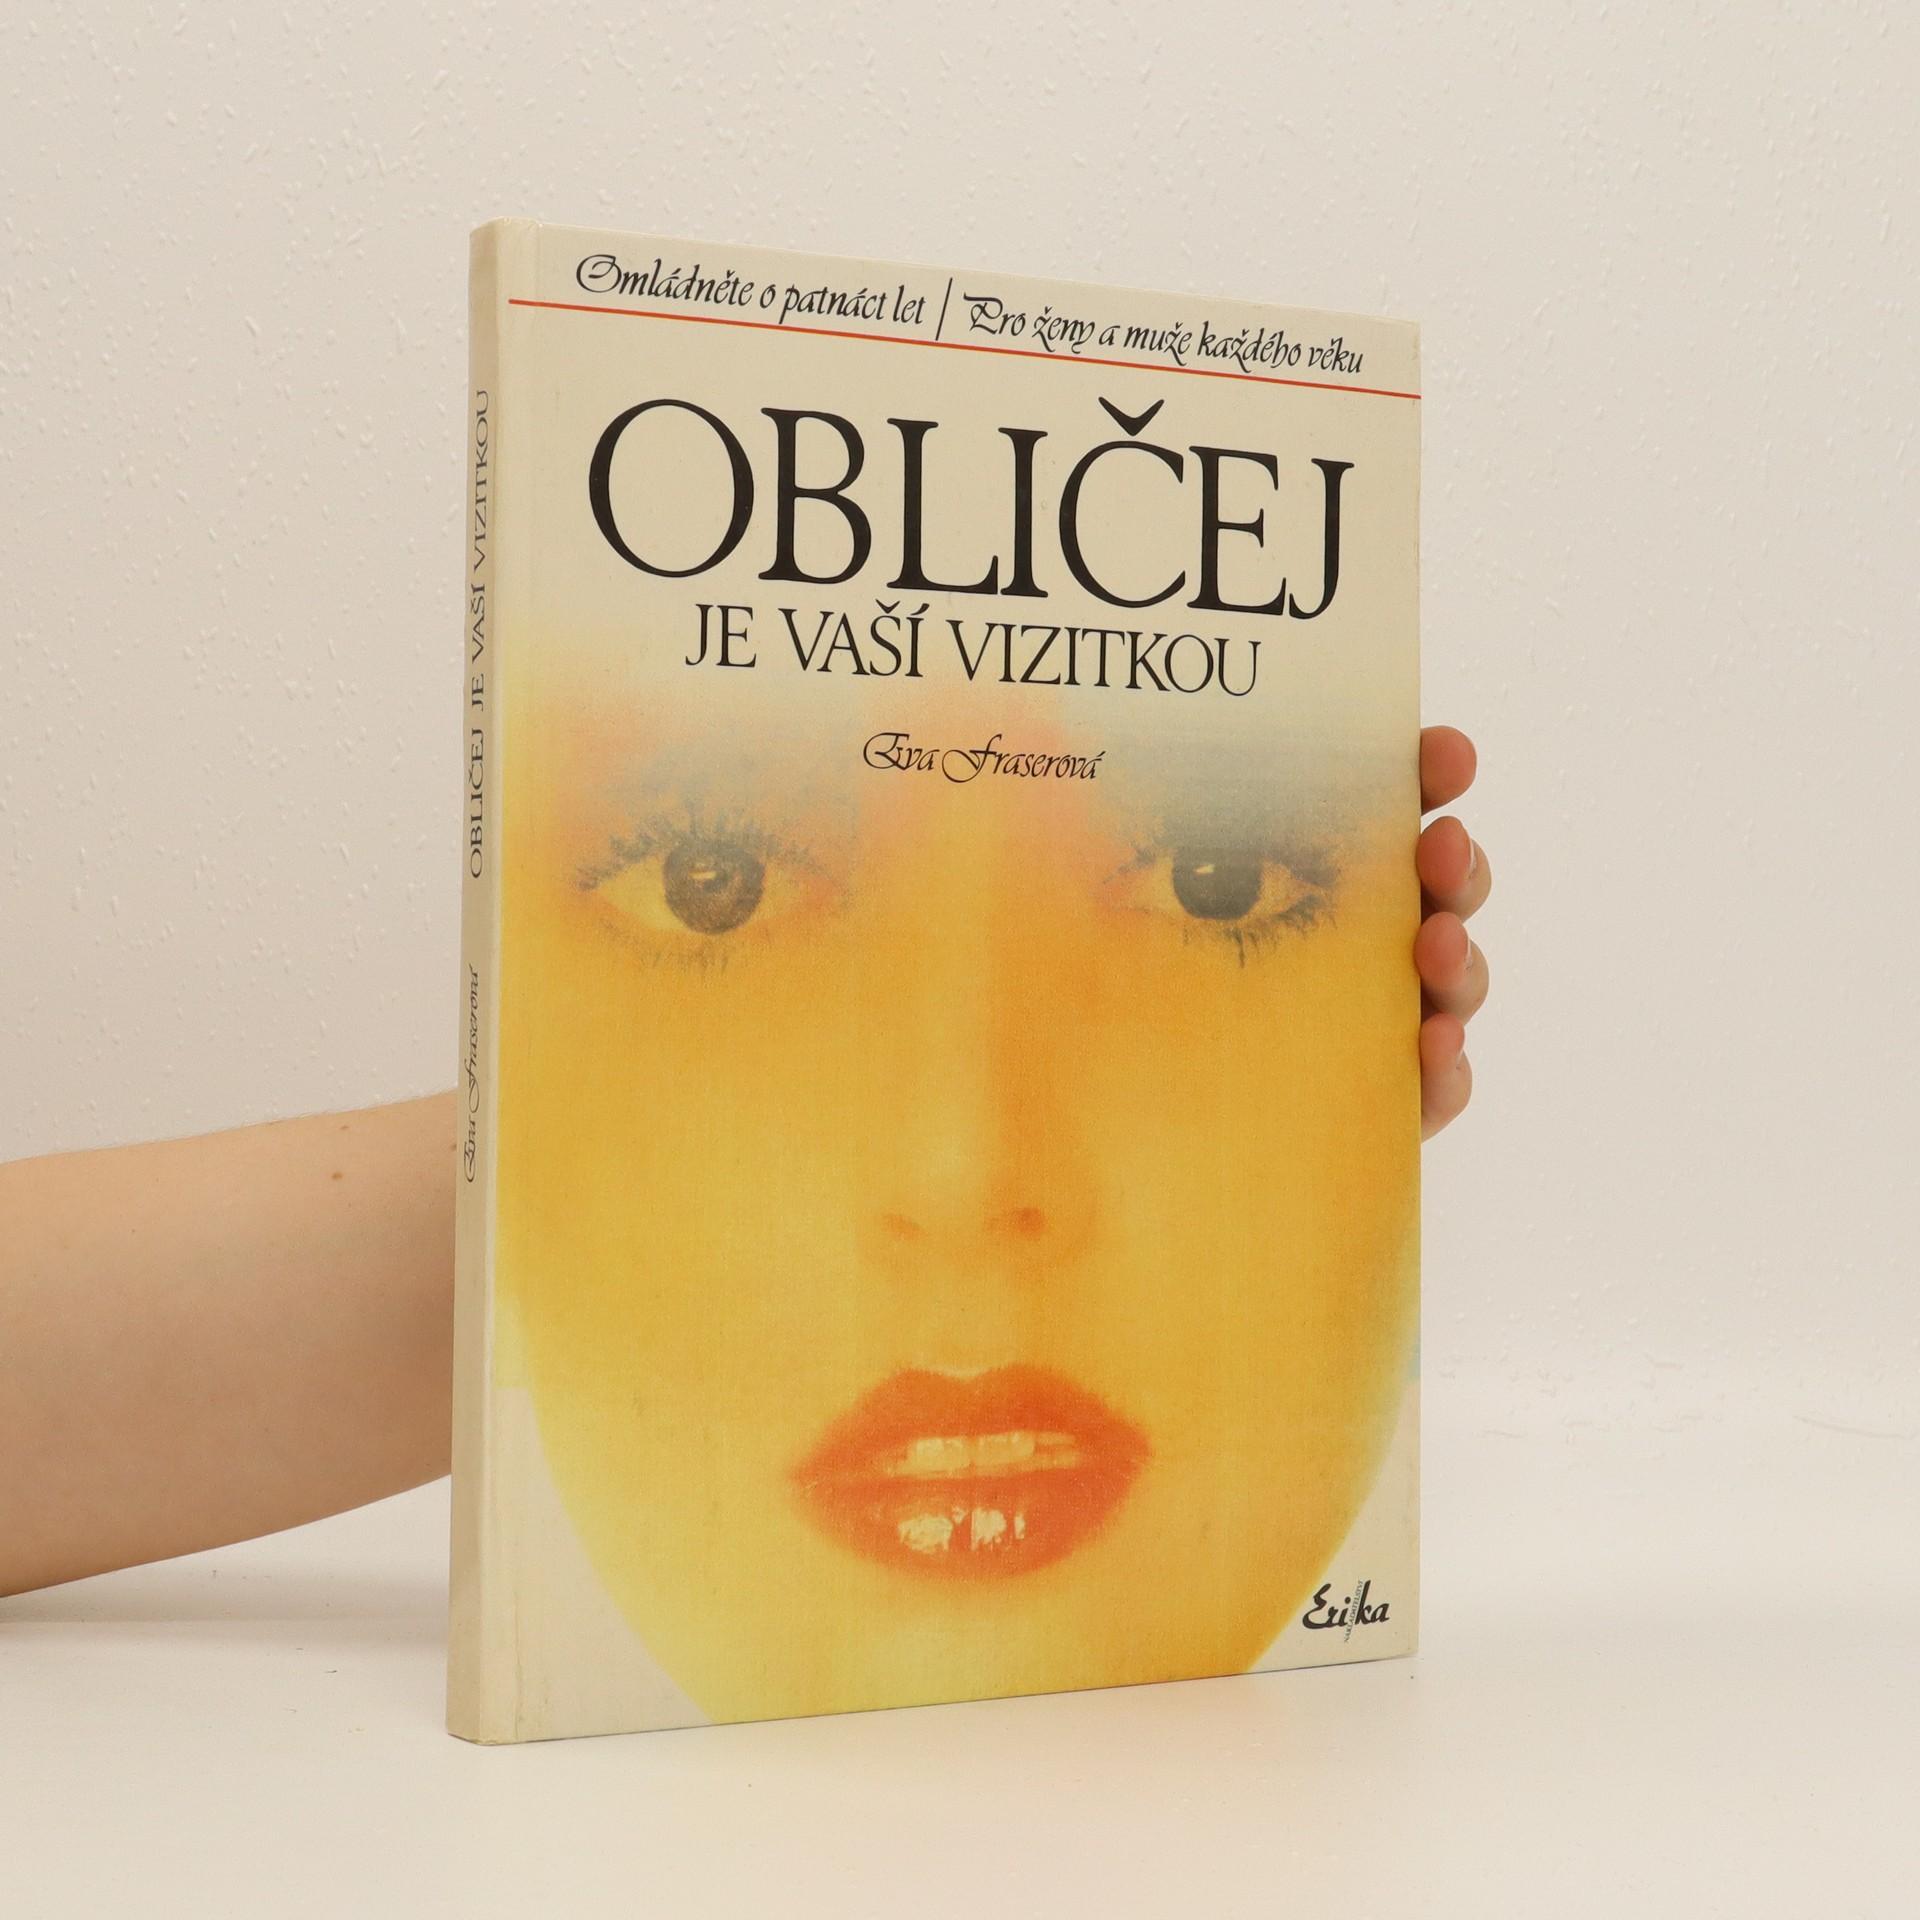 antikvární kniha Obličej je vaší vizitkou, 1992